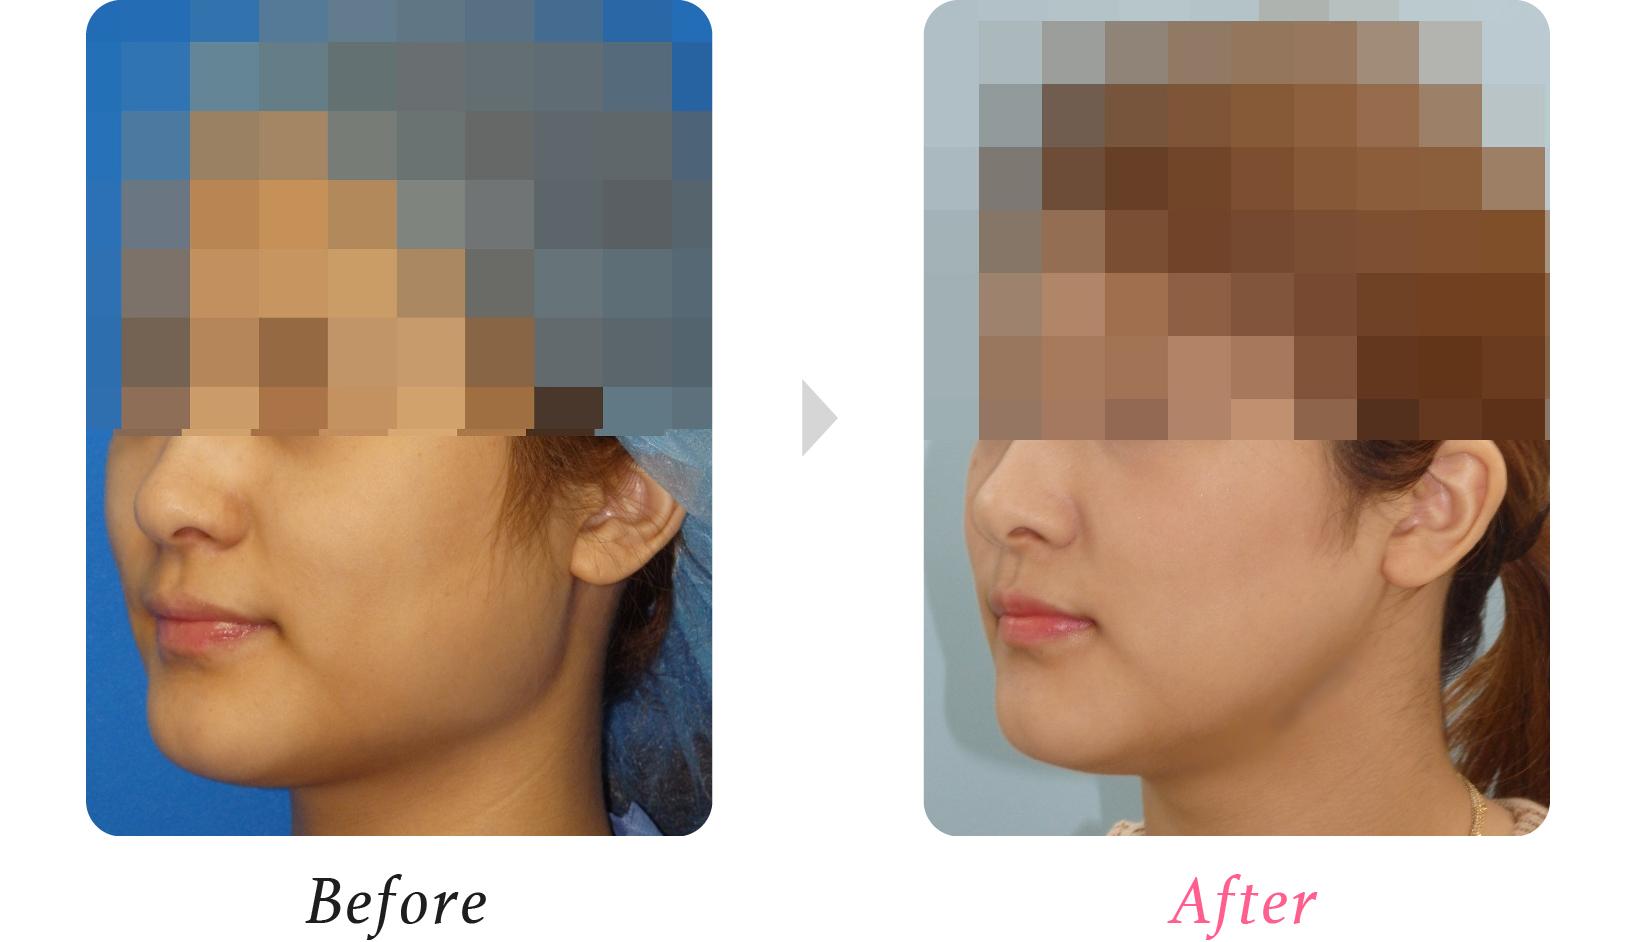 エラ削り(下顎角形成)|美容外科、美容整形の小木曽クリニック